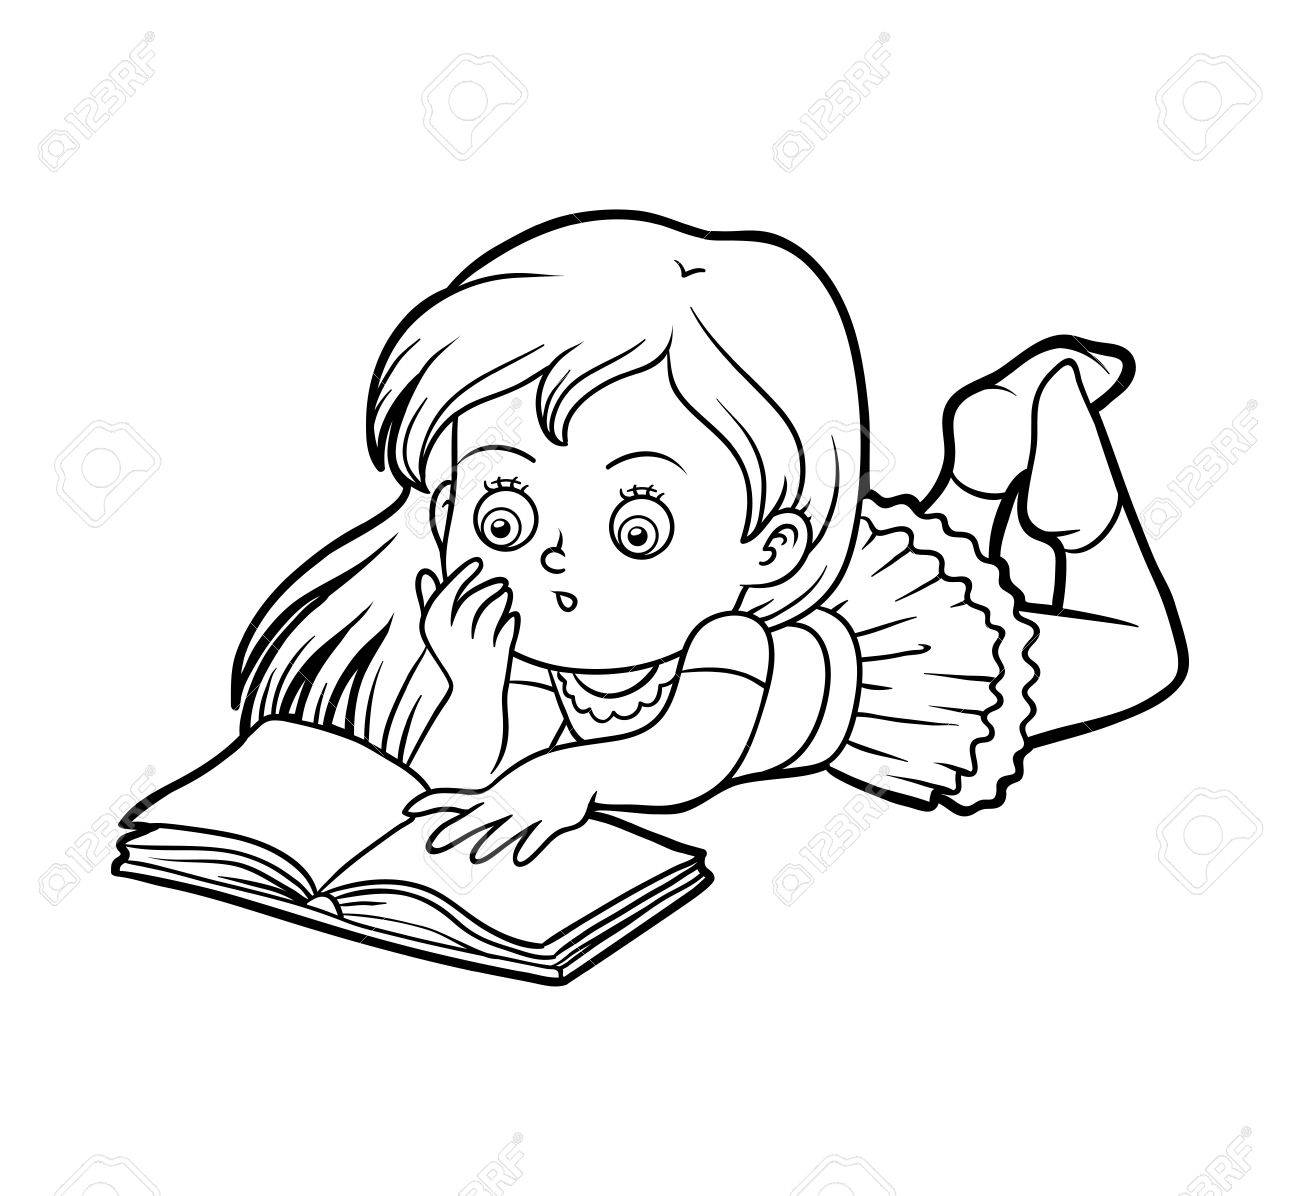 libros de colorear para ninas - Aprende a seleccionar libros de ...